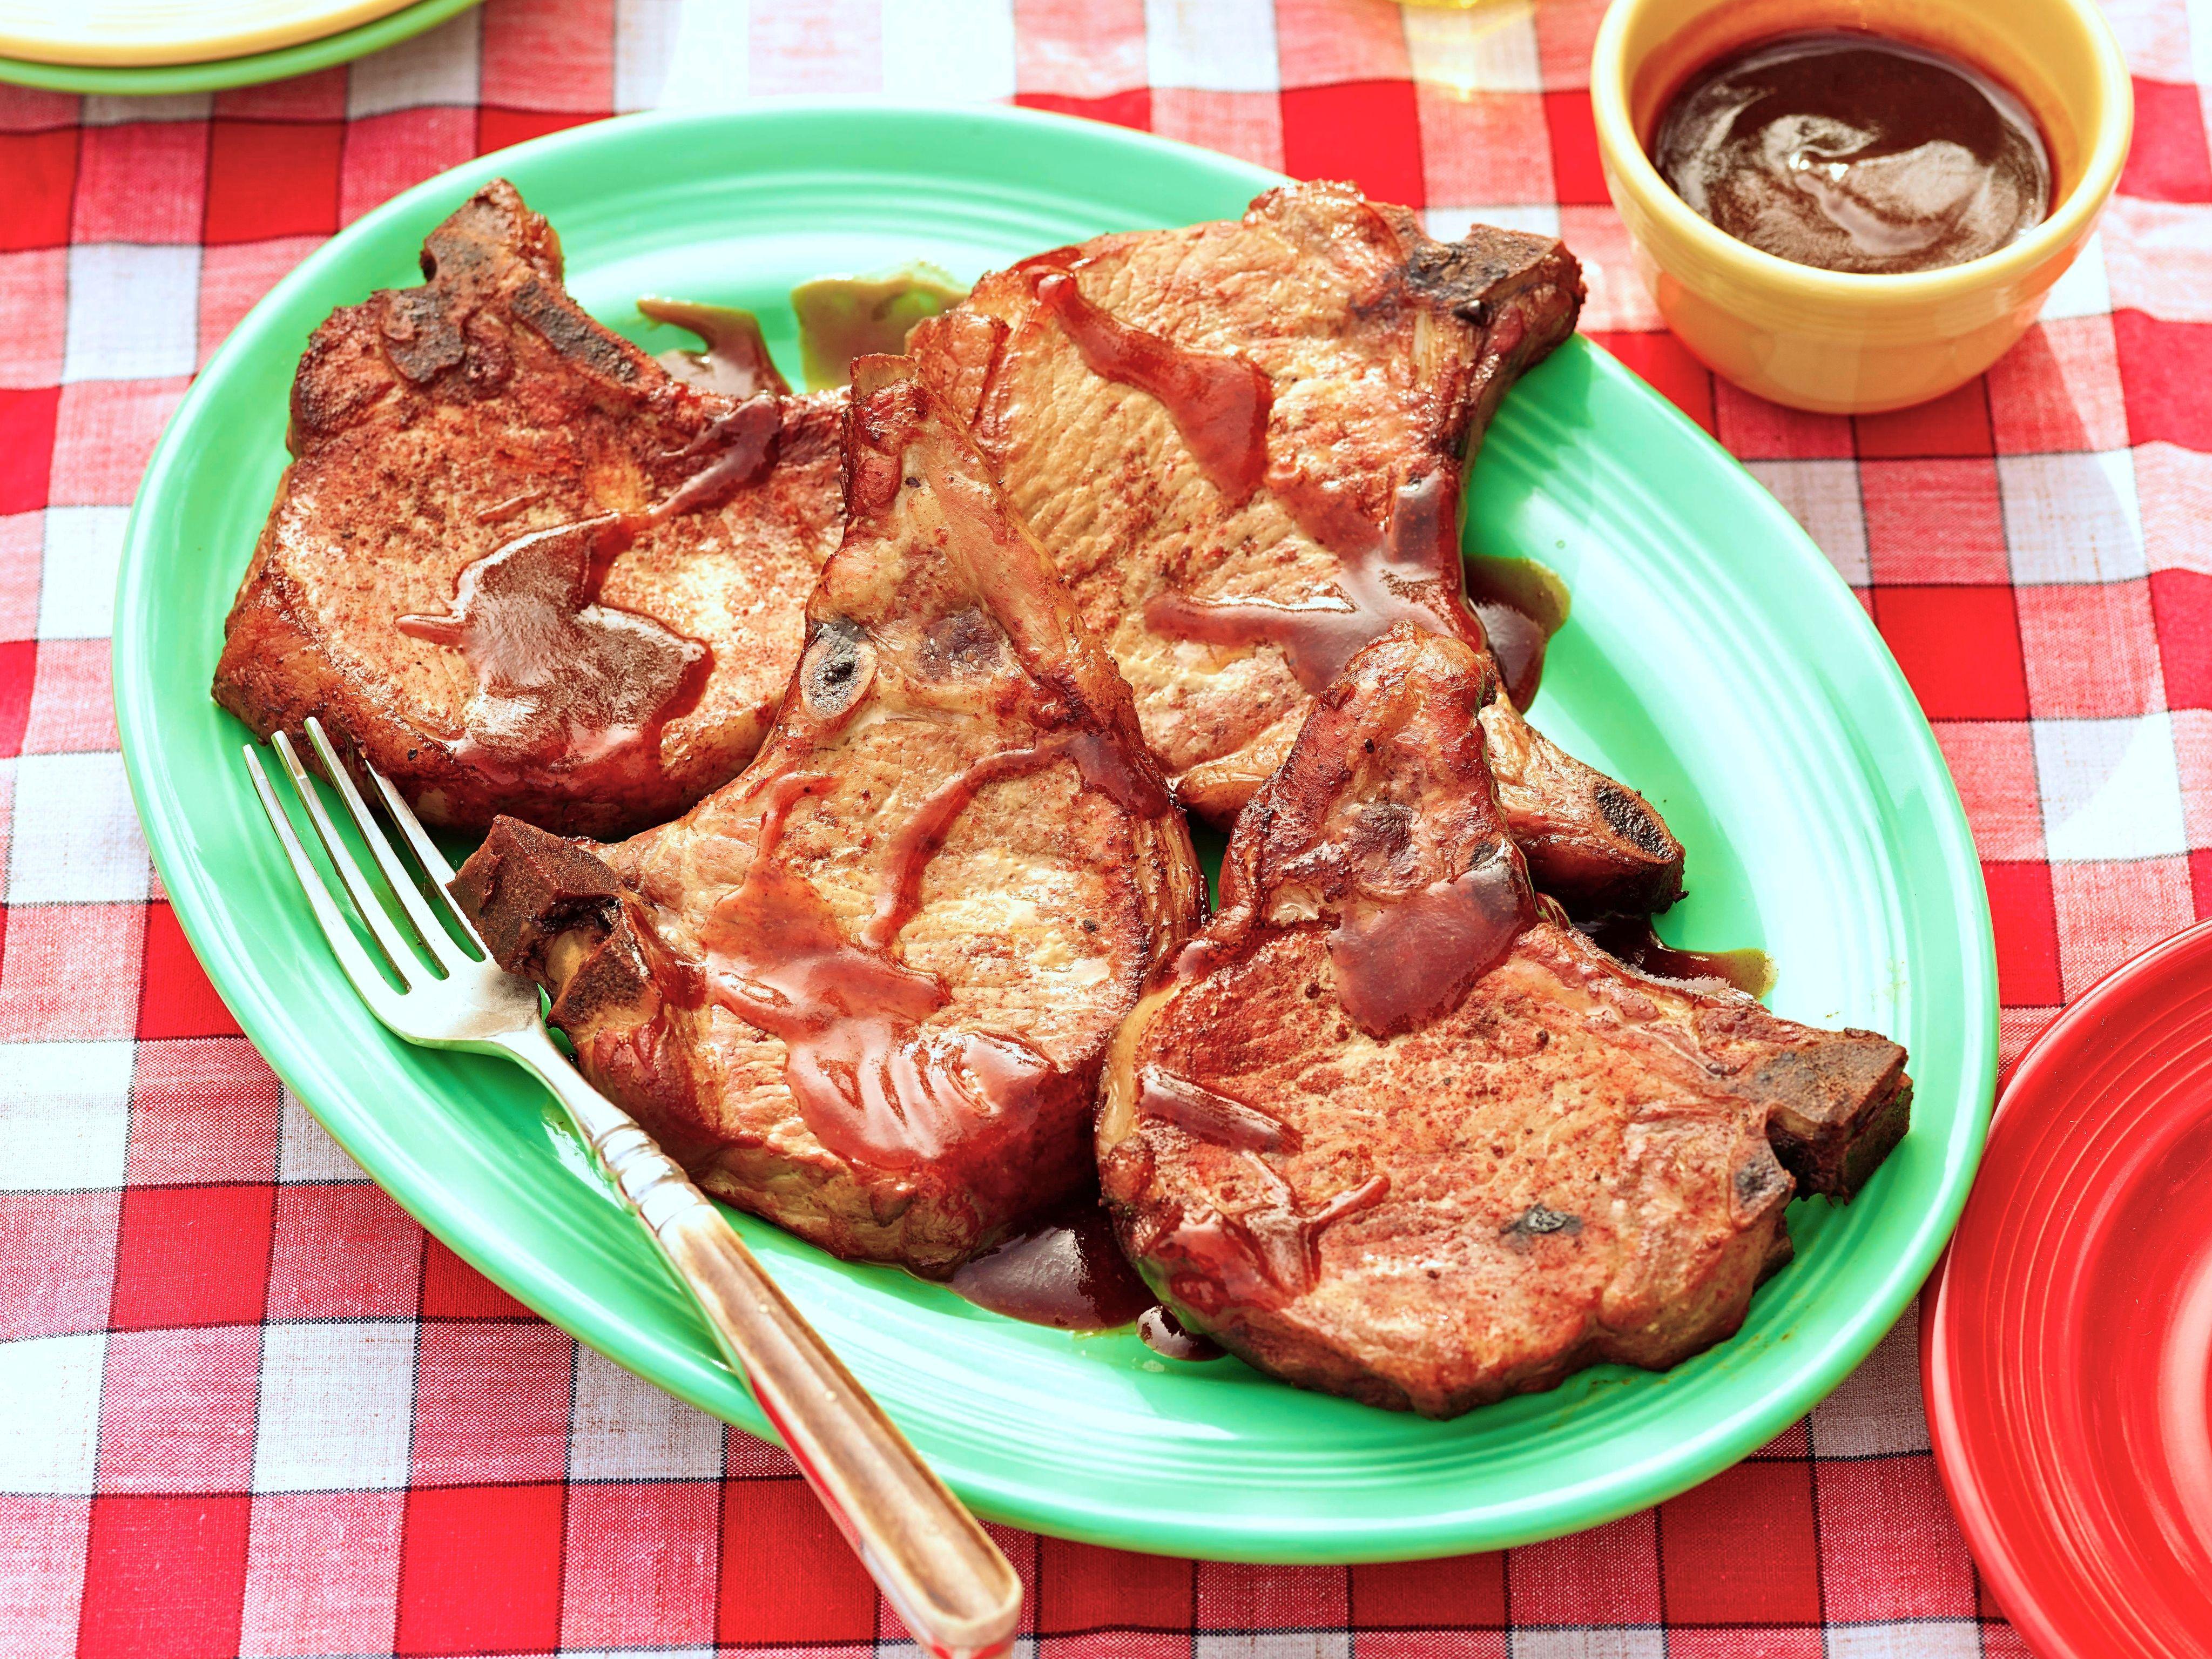 Smoked pork steaks recipe